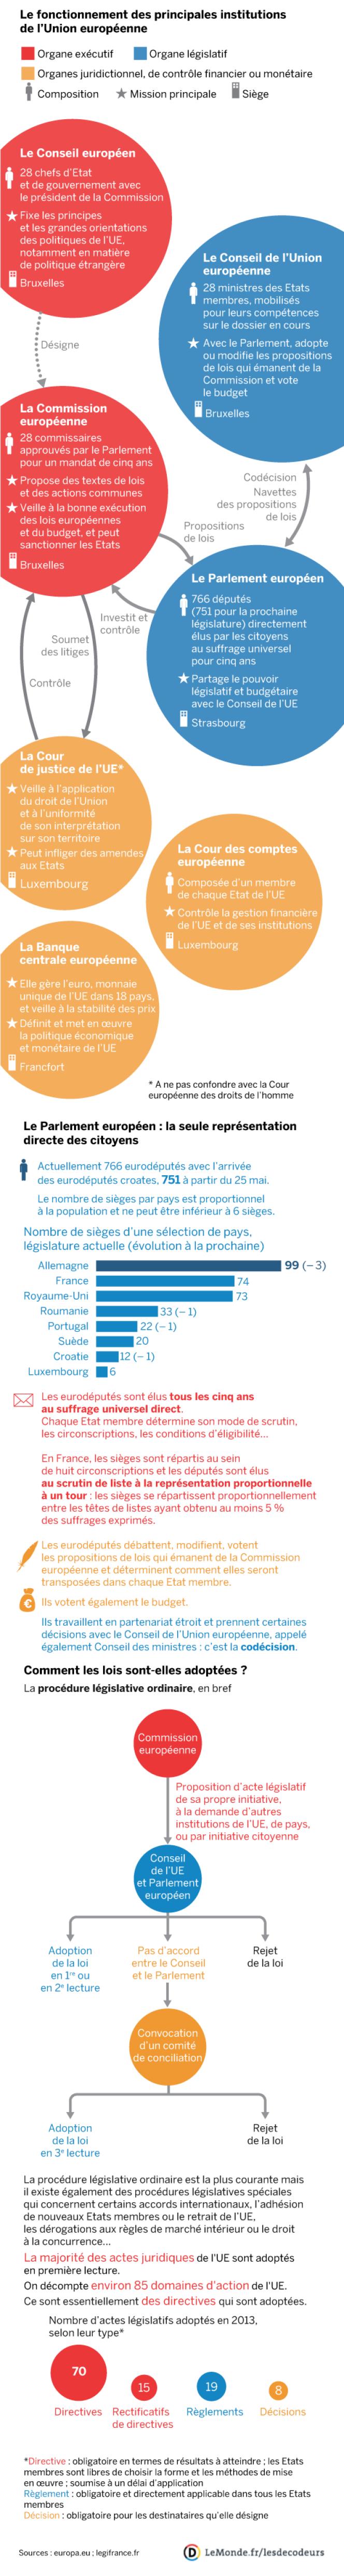 Comprendre comment fonctionnent les principales institutions de l'Union européenne